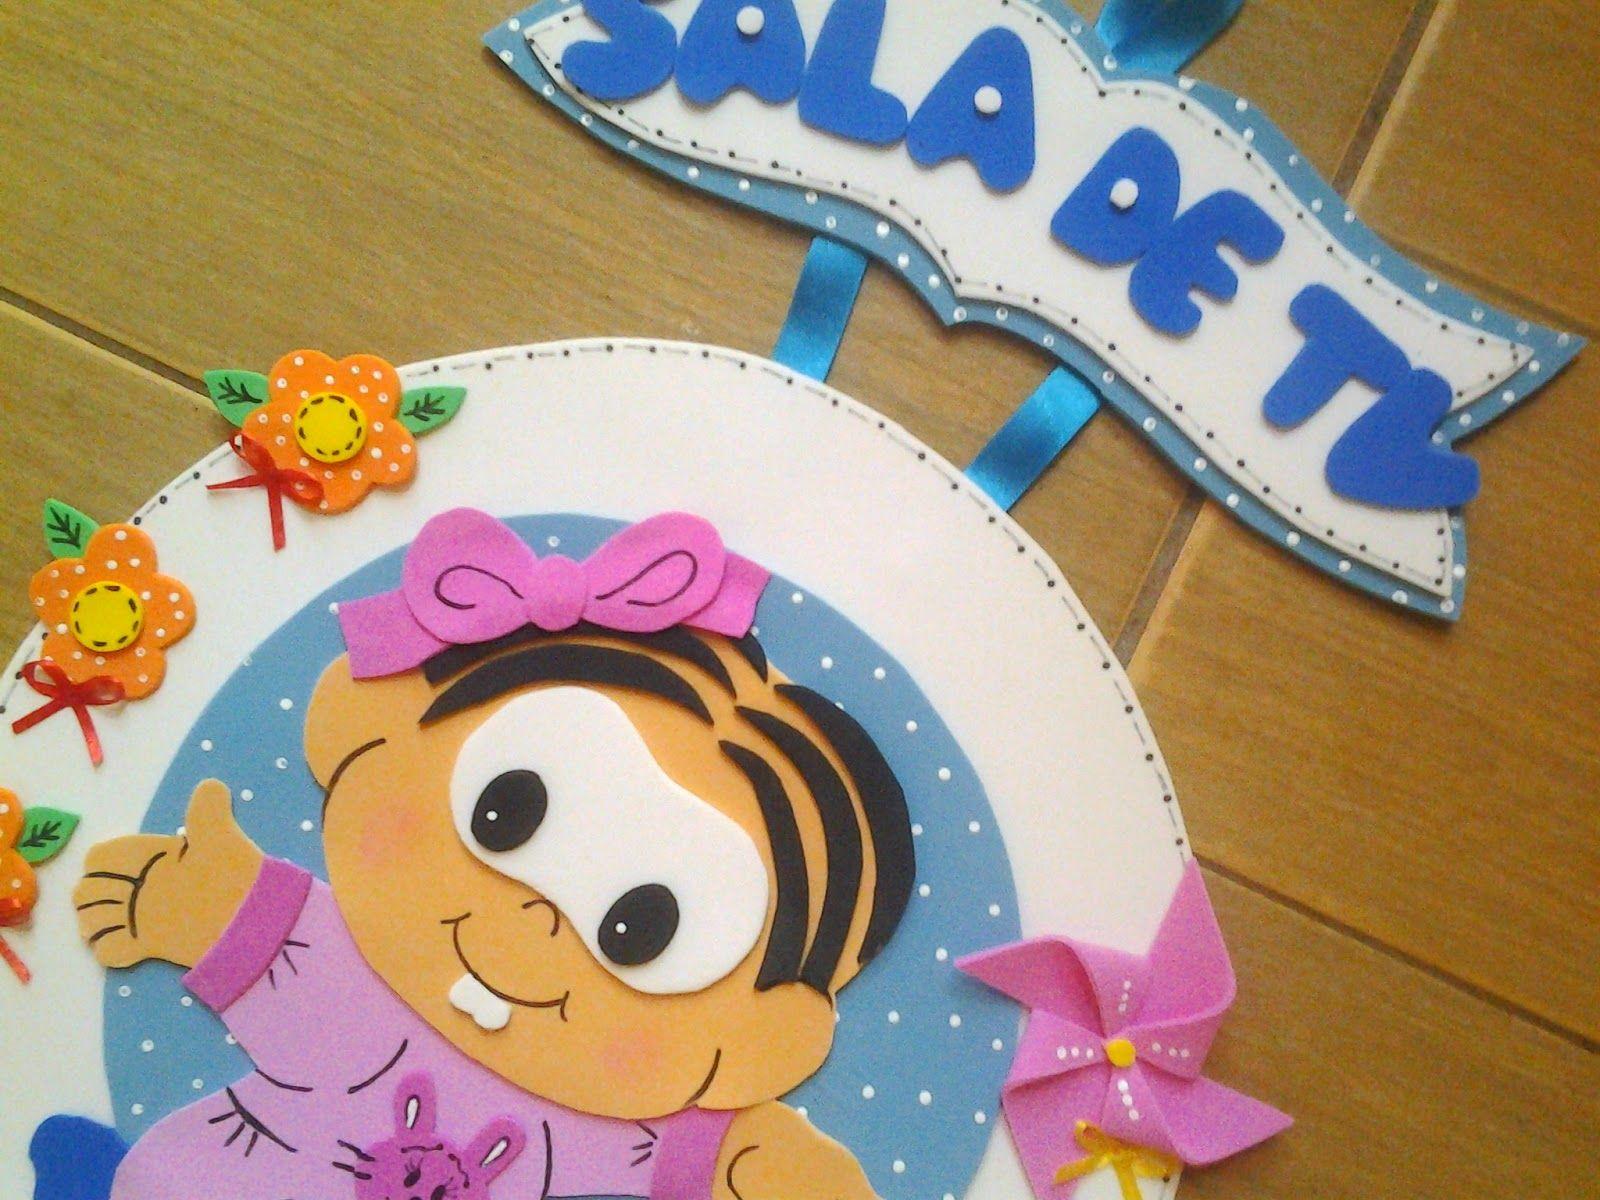 Para a Creche Mª Luiza, 04 novas plaquinhas de identificação  da Turminha Mônica Baby...Fofas, coloridas e alegres!            Brinquedoteca...